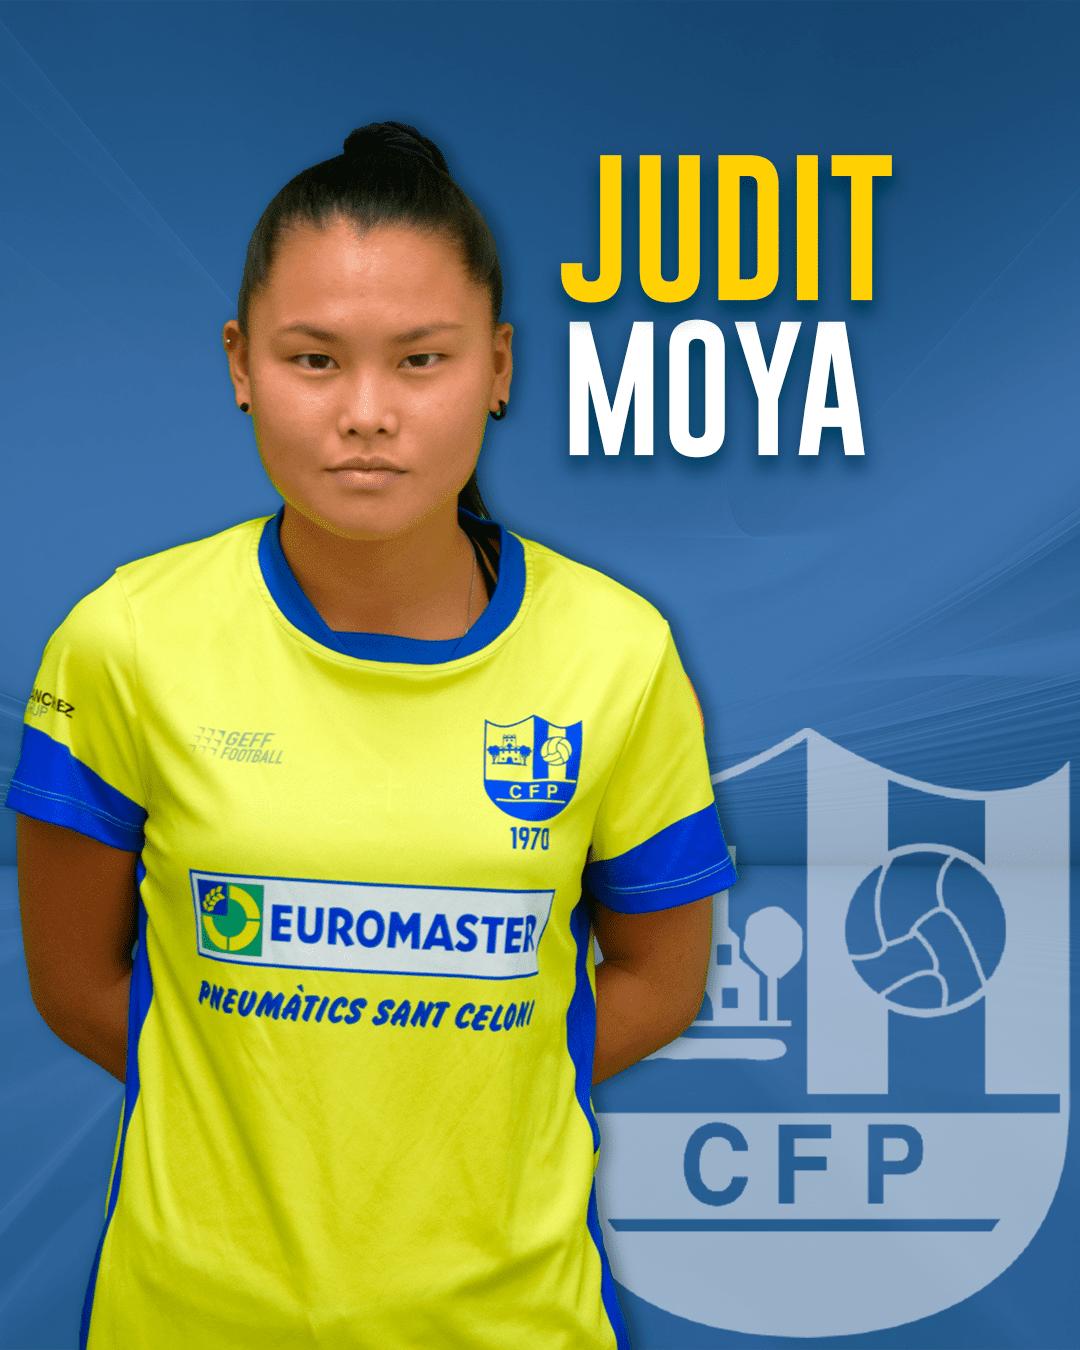 Judit Moya